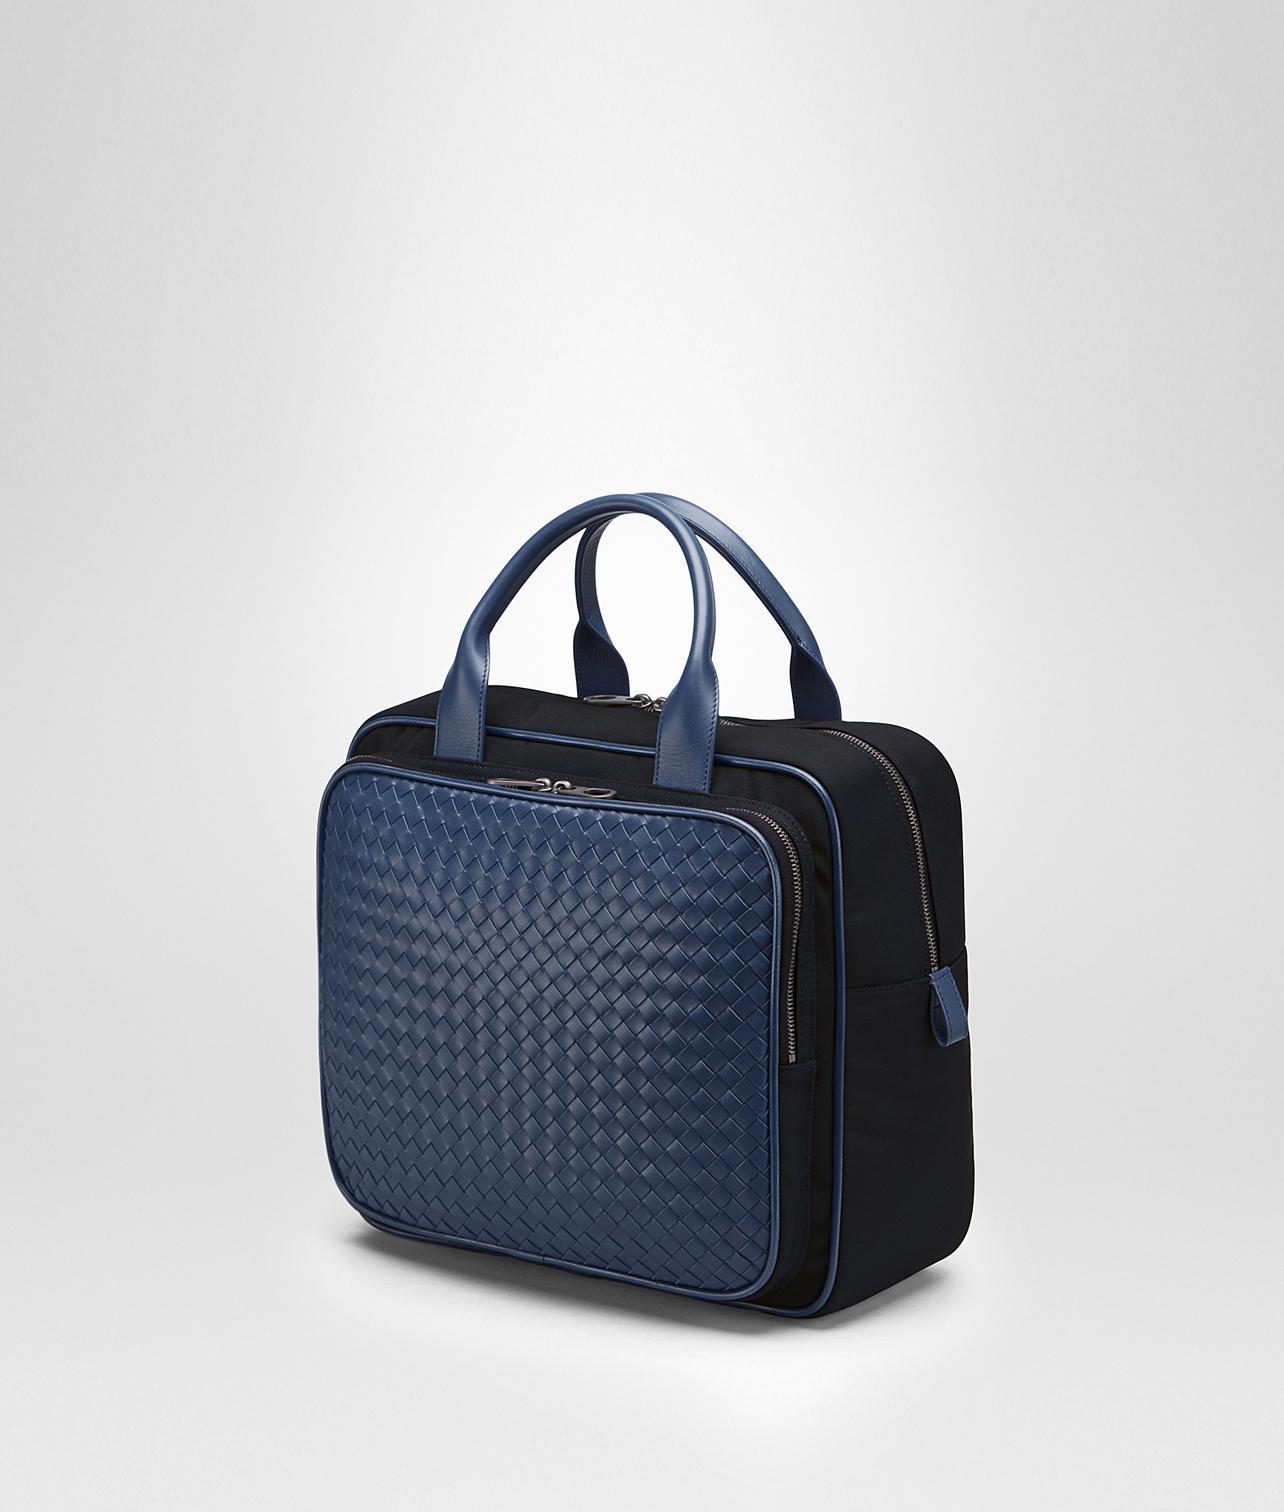 363058b26856 Lyst - Bottega Veneta Travel Bag In Tourmaline Technical Canvas And Pacific  Intrecciato Calf in Blue